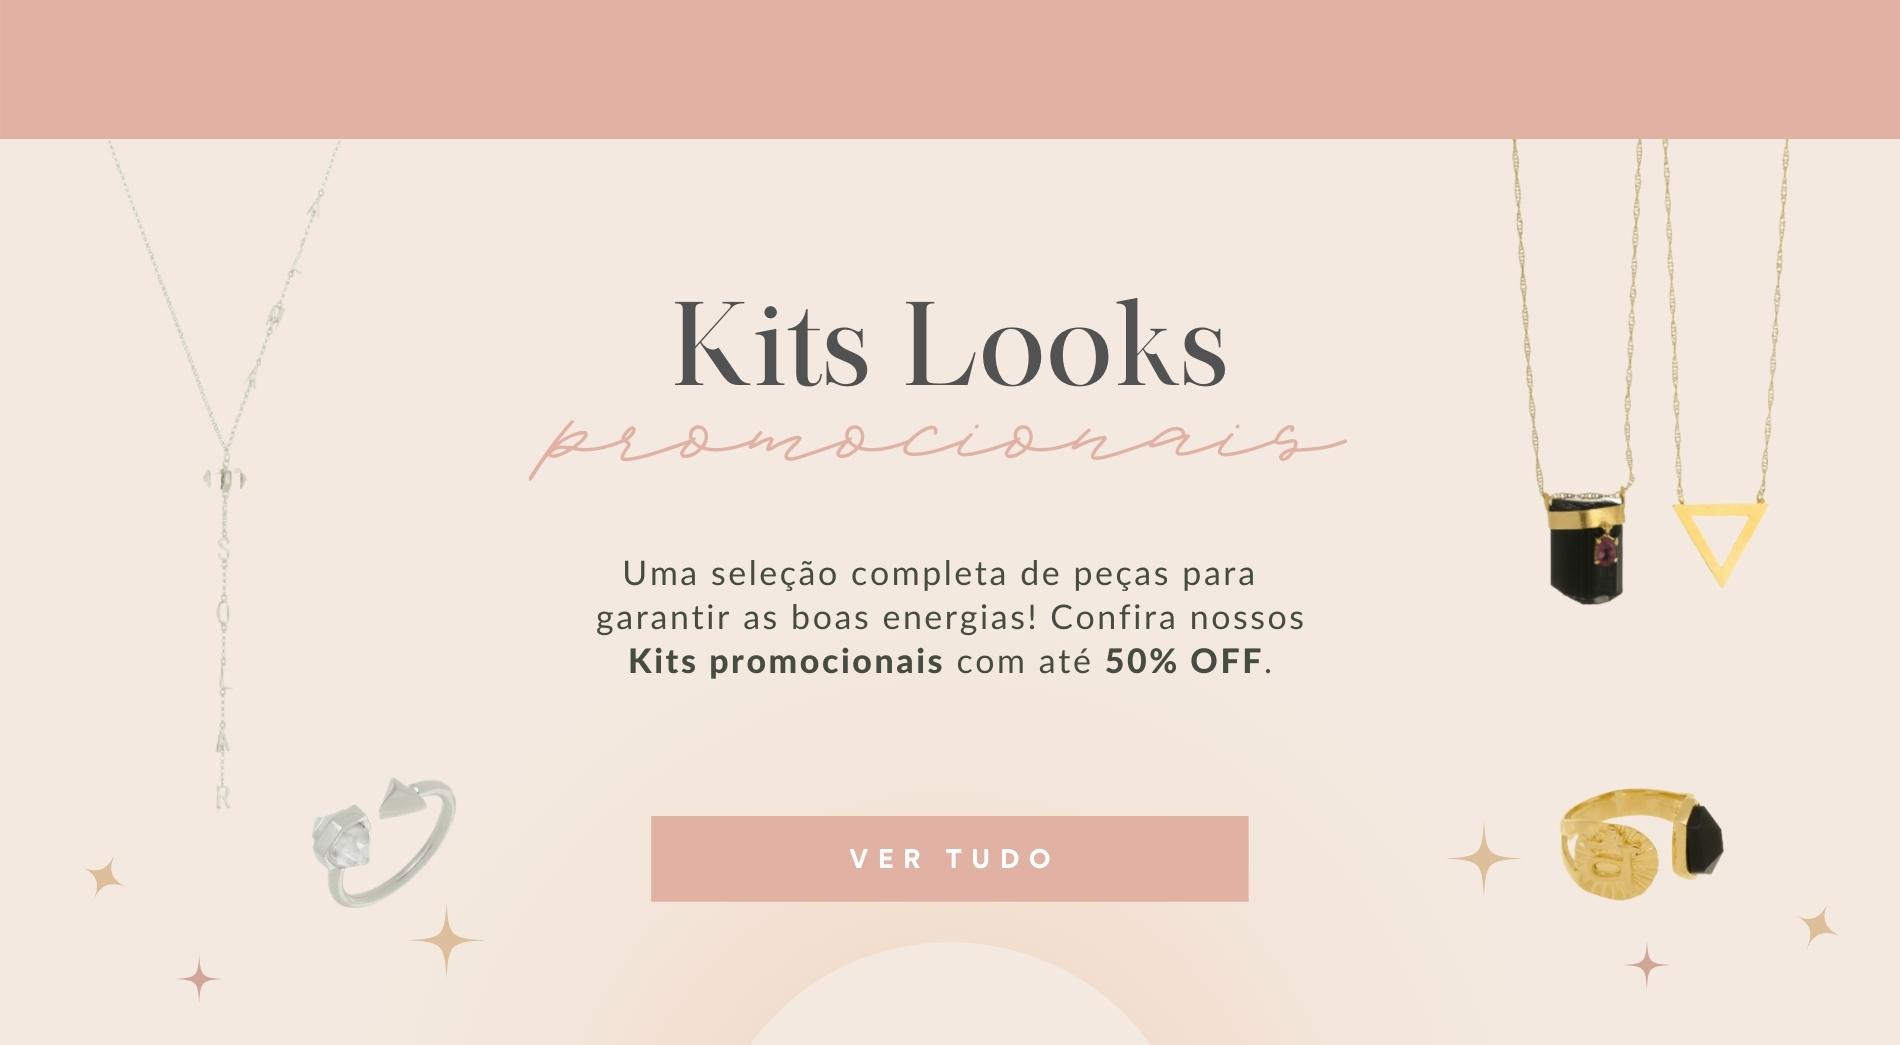 kits looks